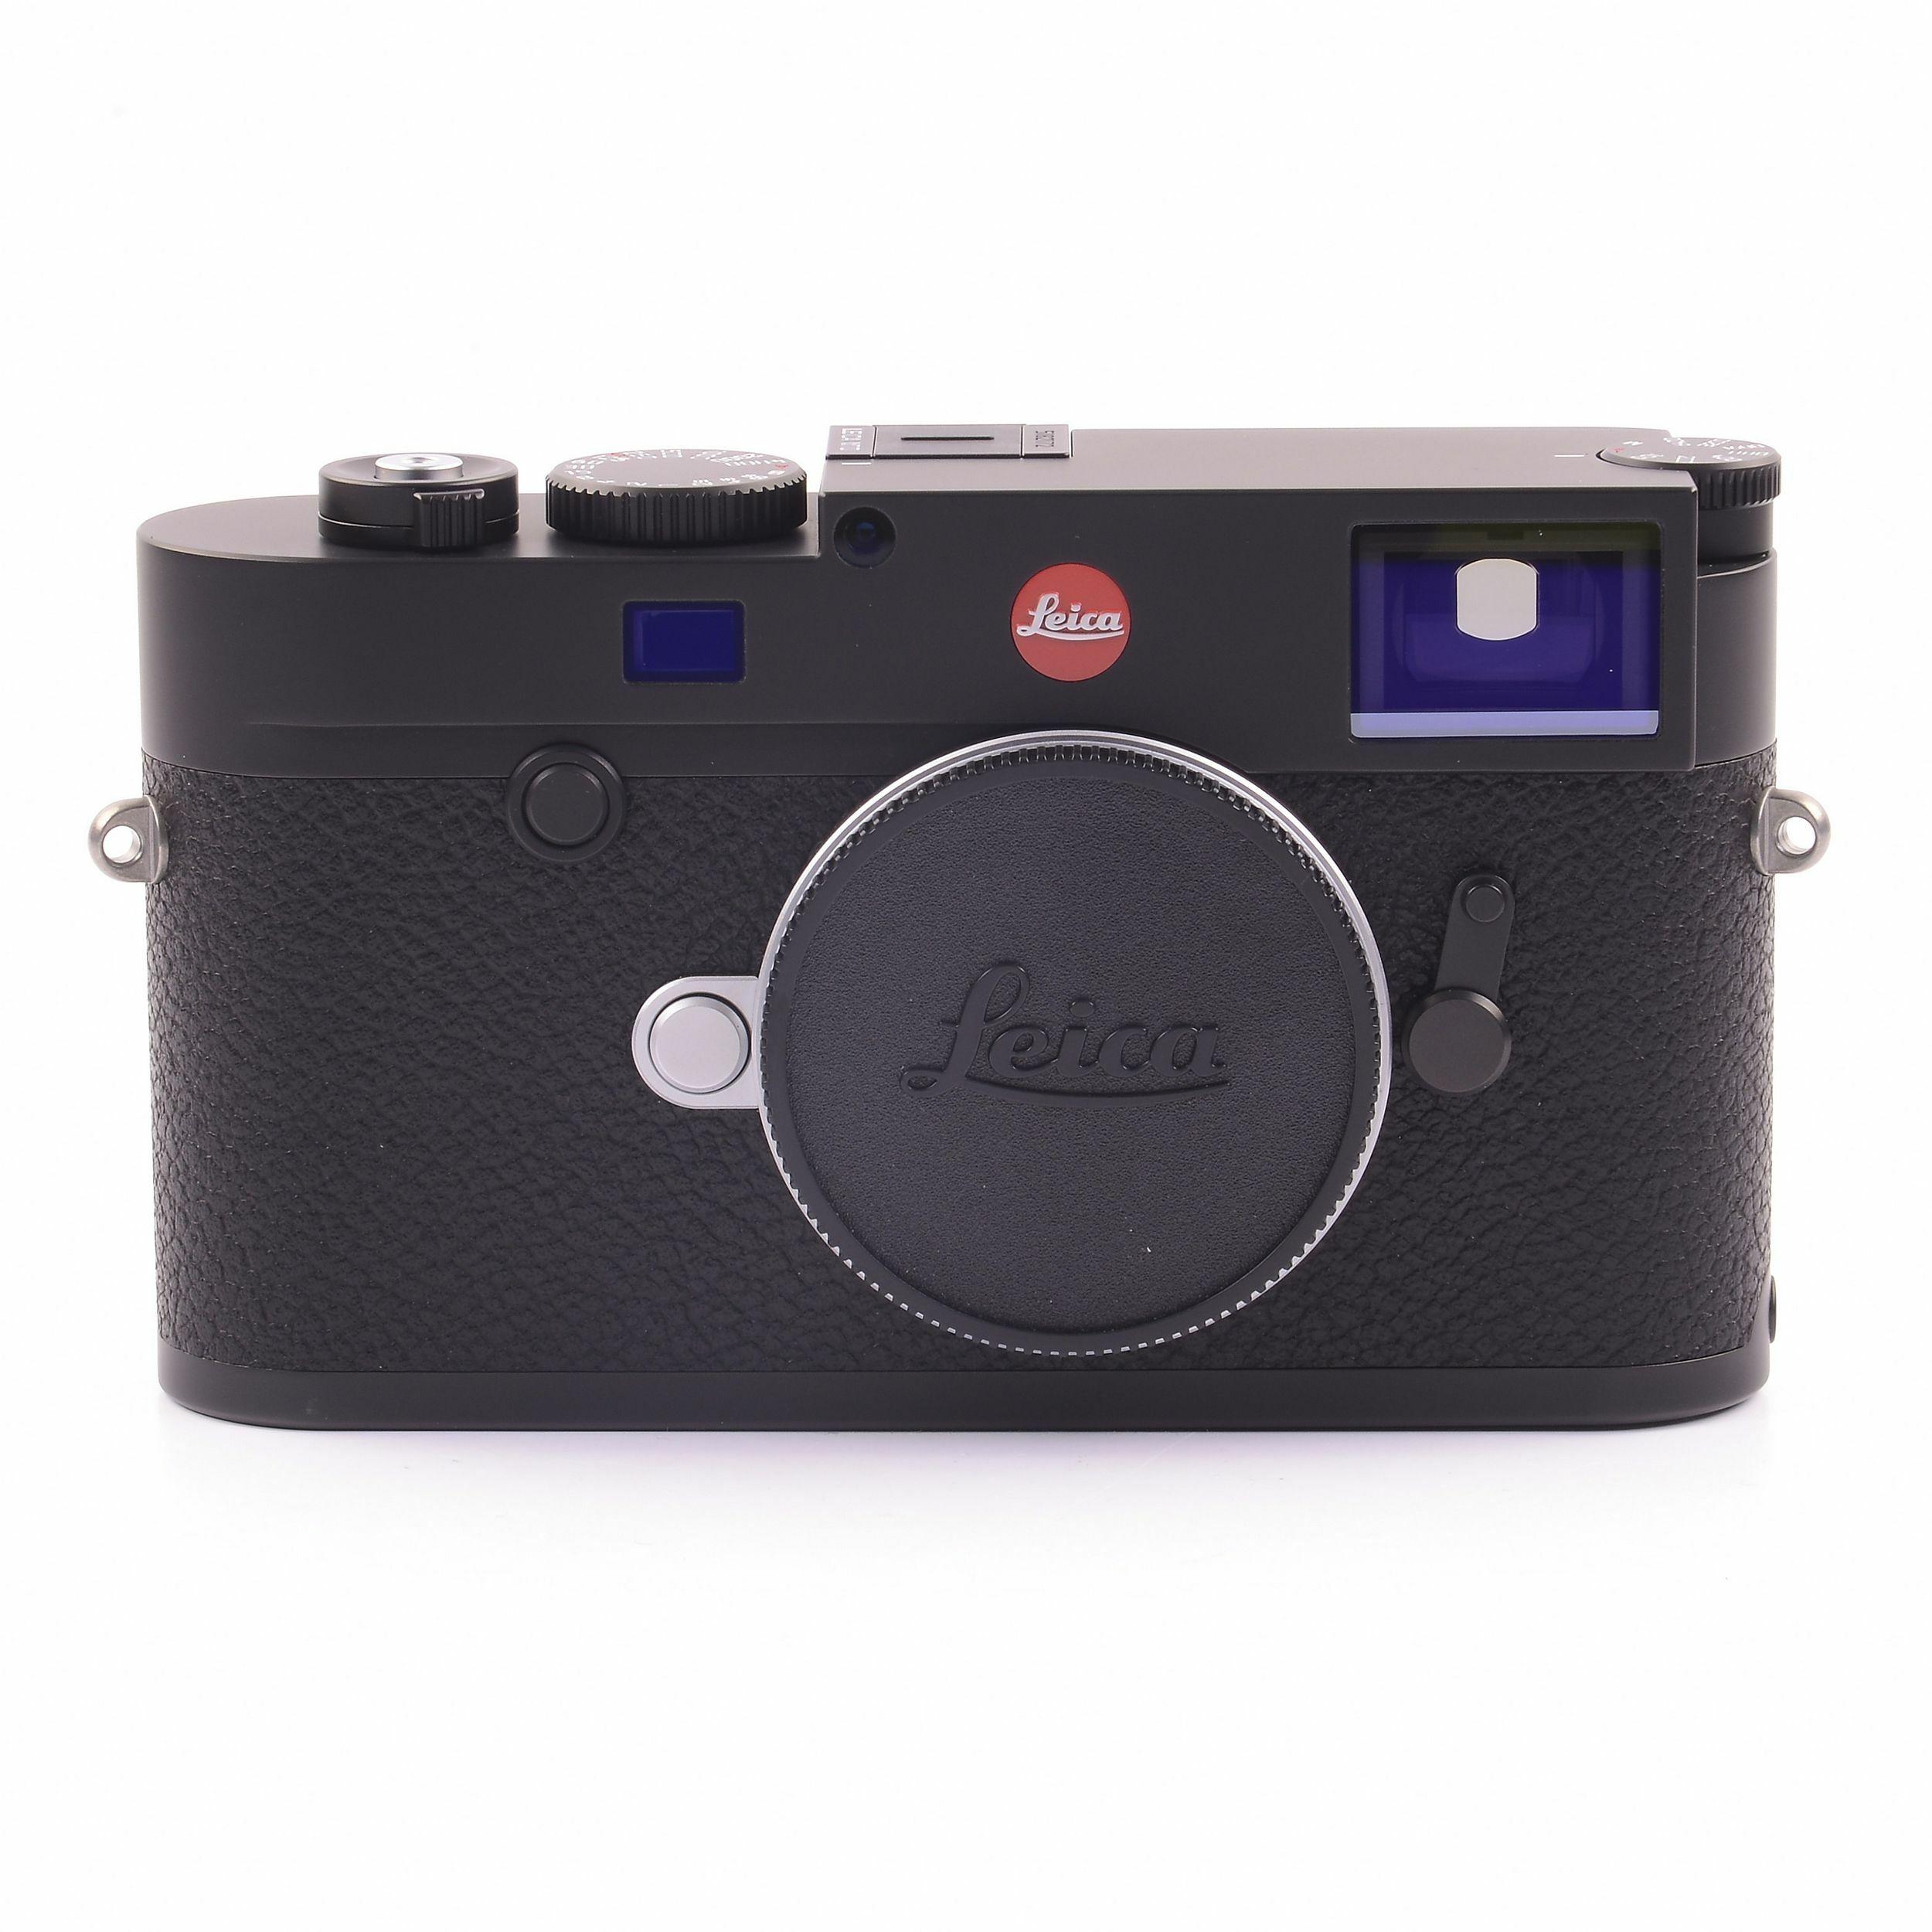 LEICA LEITZ M10 BLACK + BOX 20000 #1311